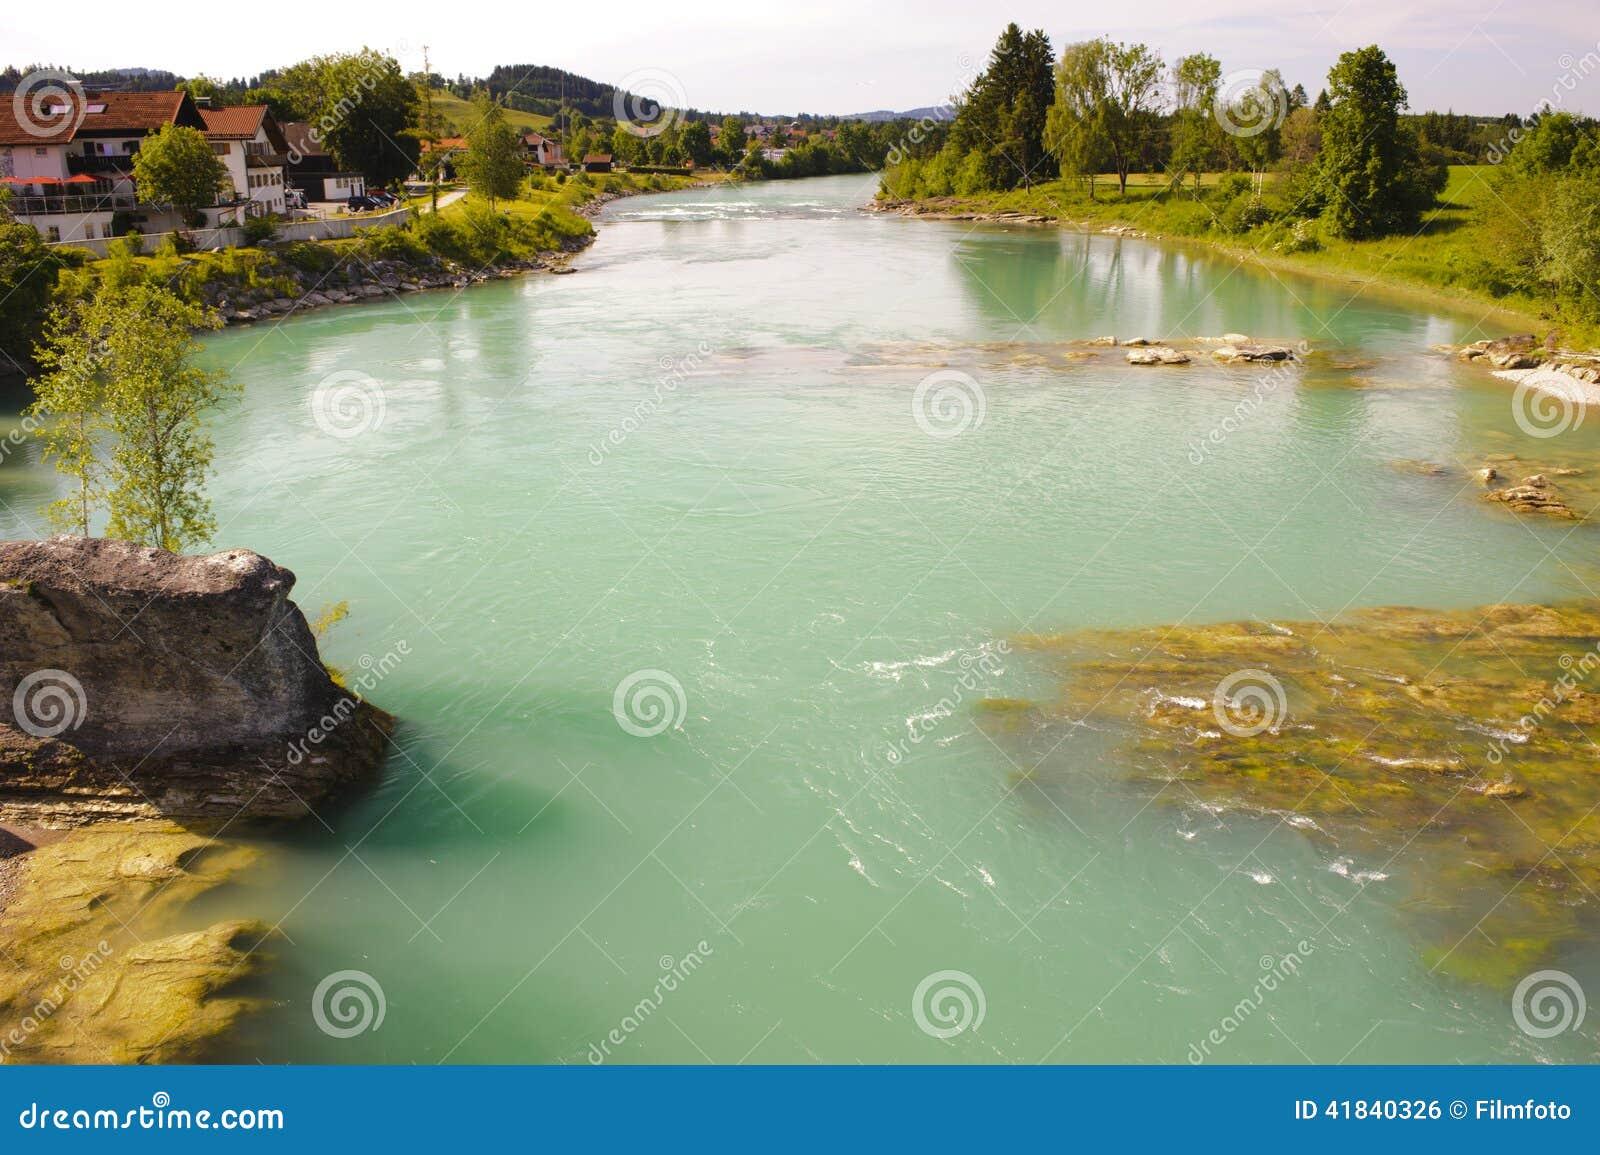 River In Bavaria Stock Photo